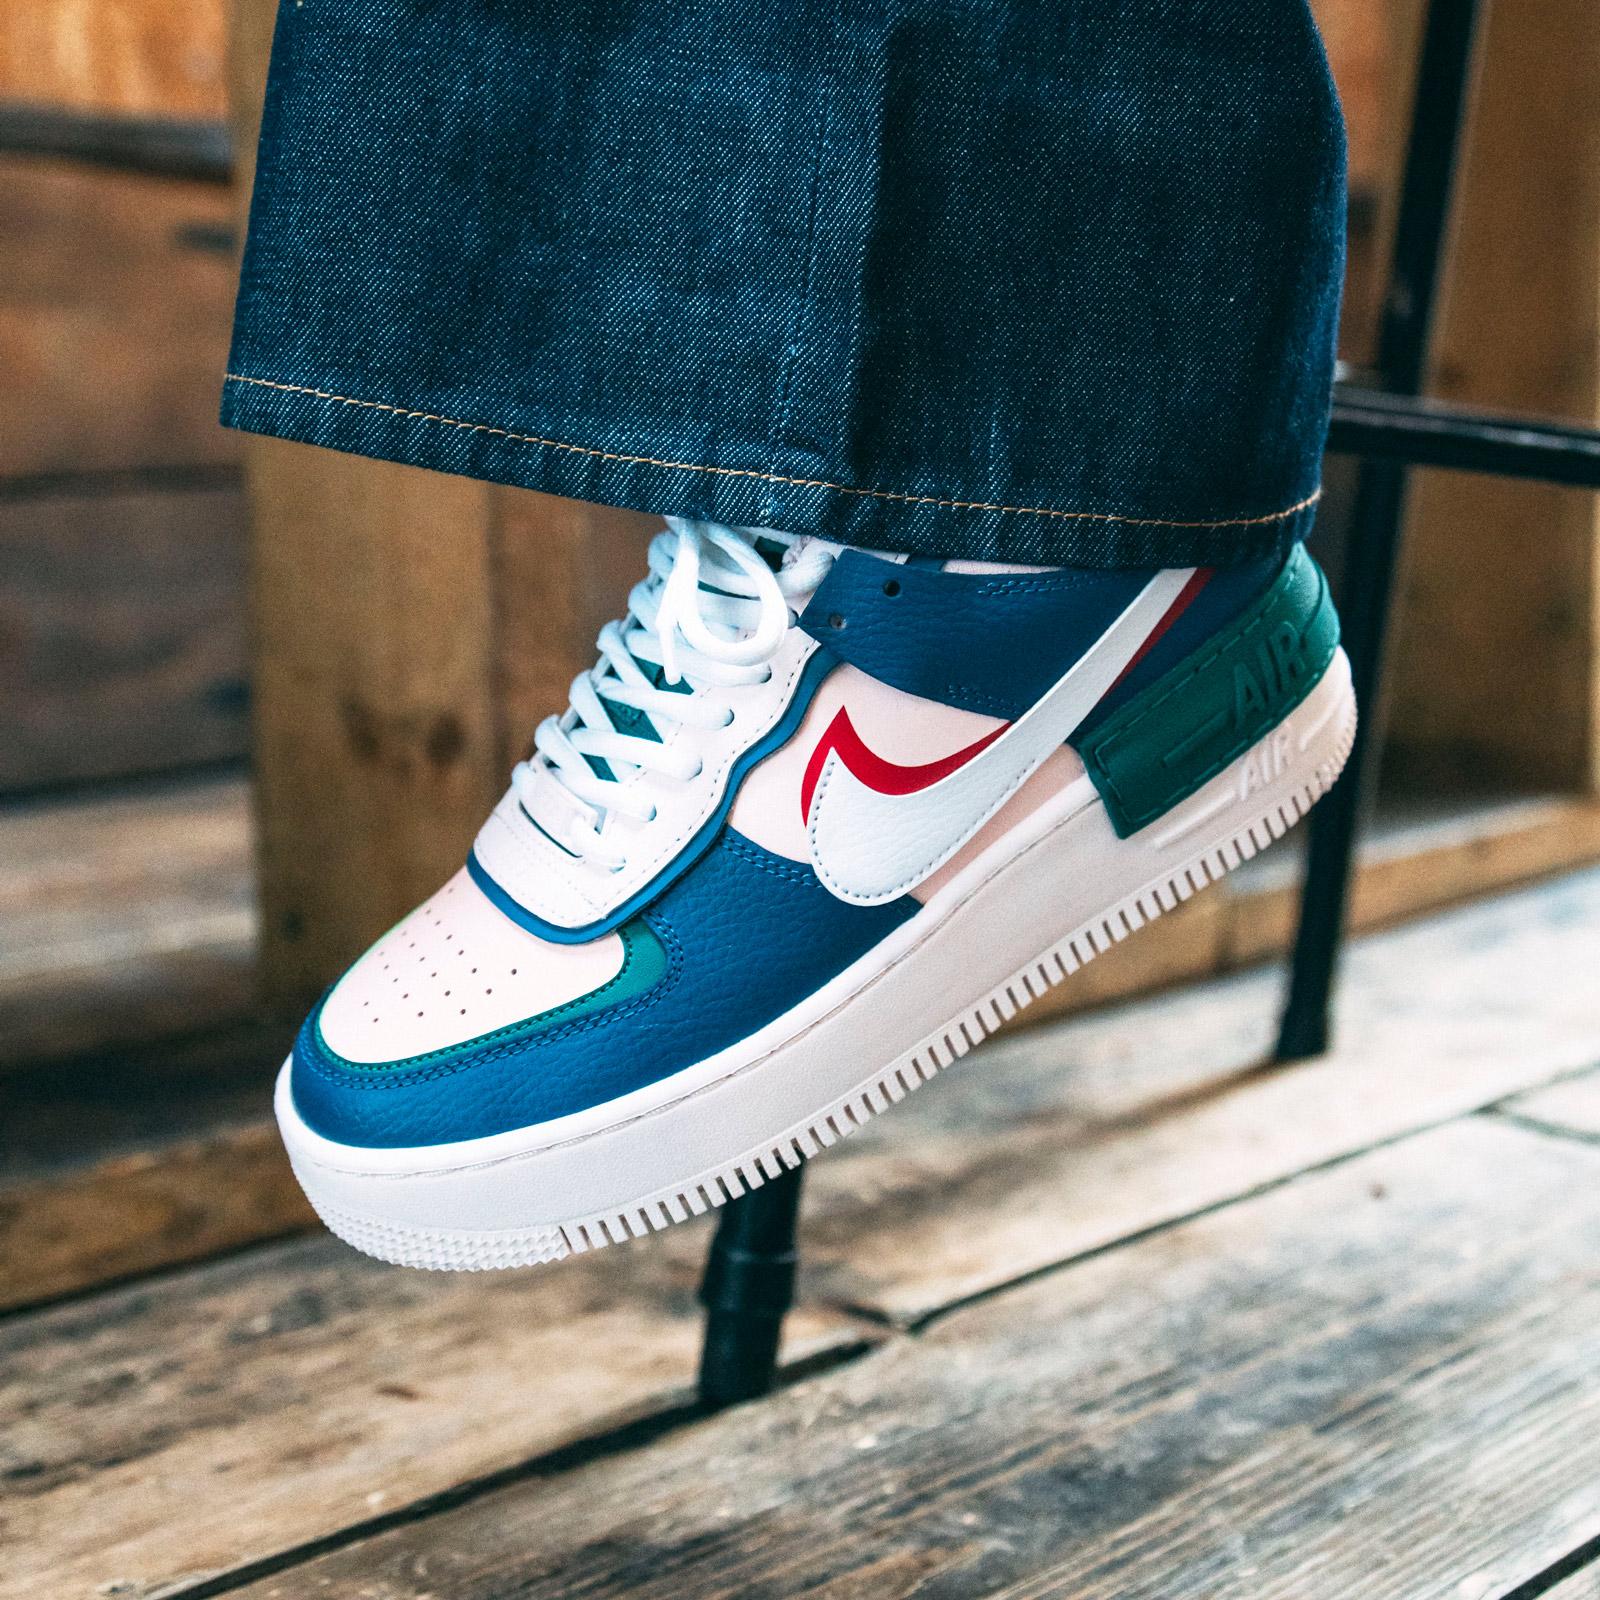 Nike Wmns AF1 Shadow - Ci0919-400 - SNS   sneakers & streetwear ...